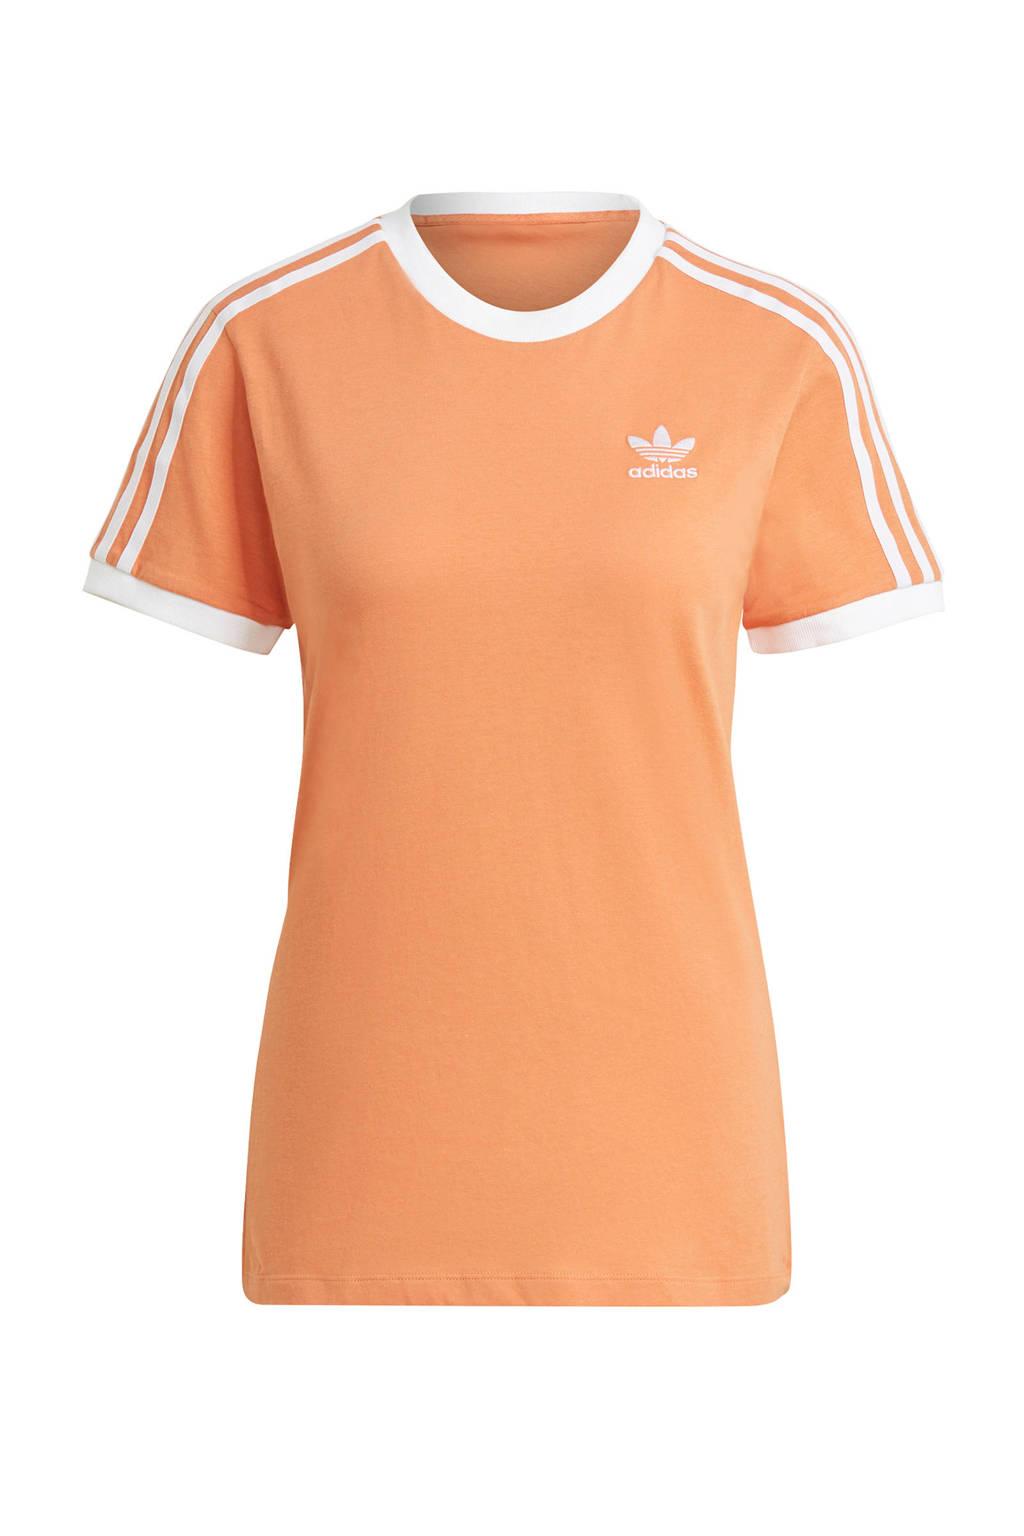 adidas Originals Adicolor T-shirt oranje/wit, Oranje/wit